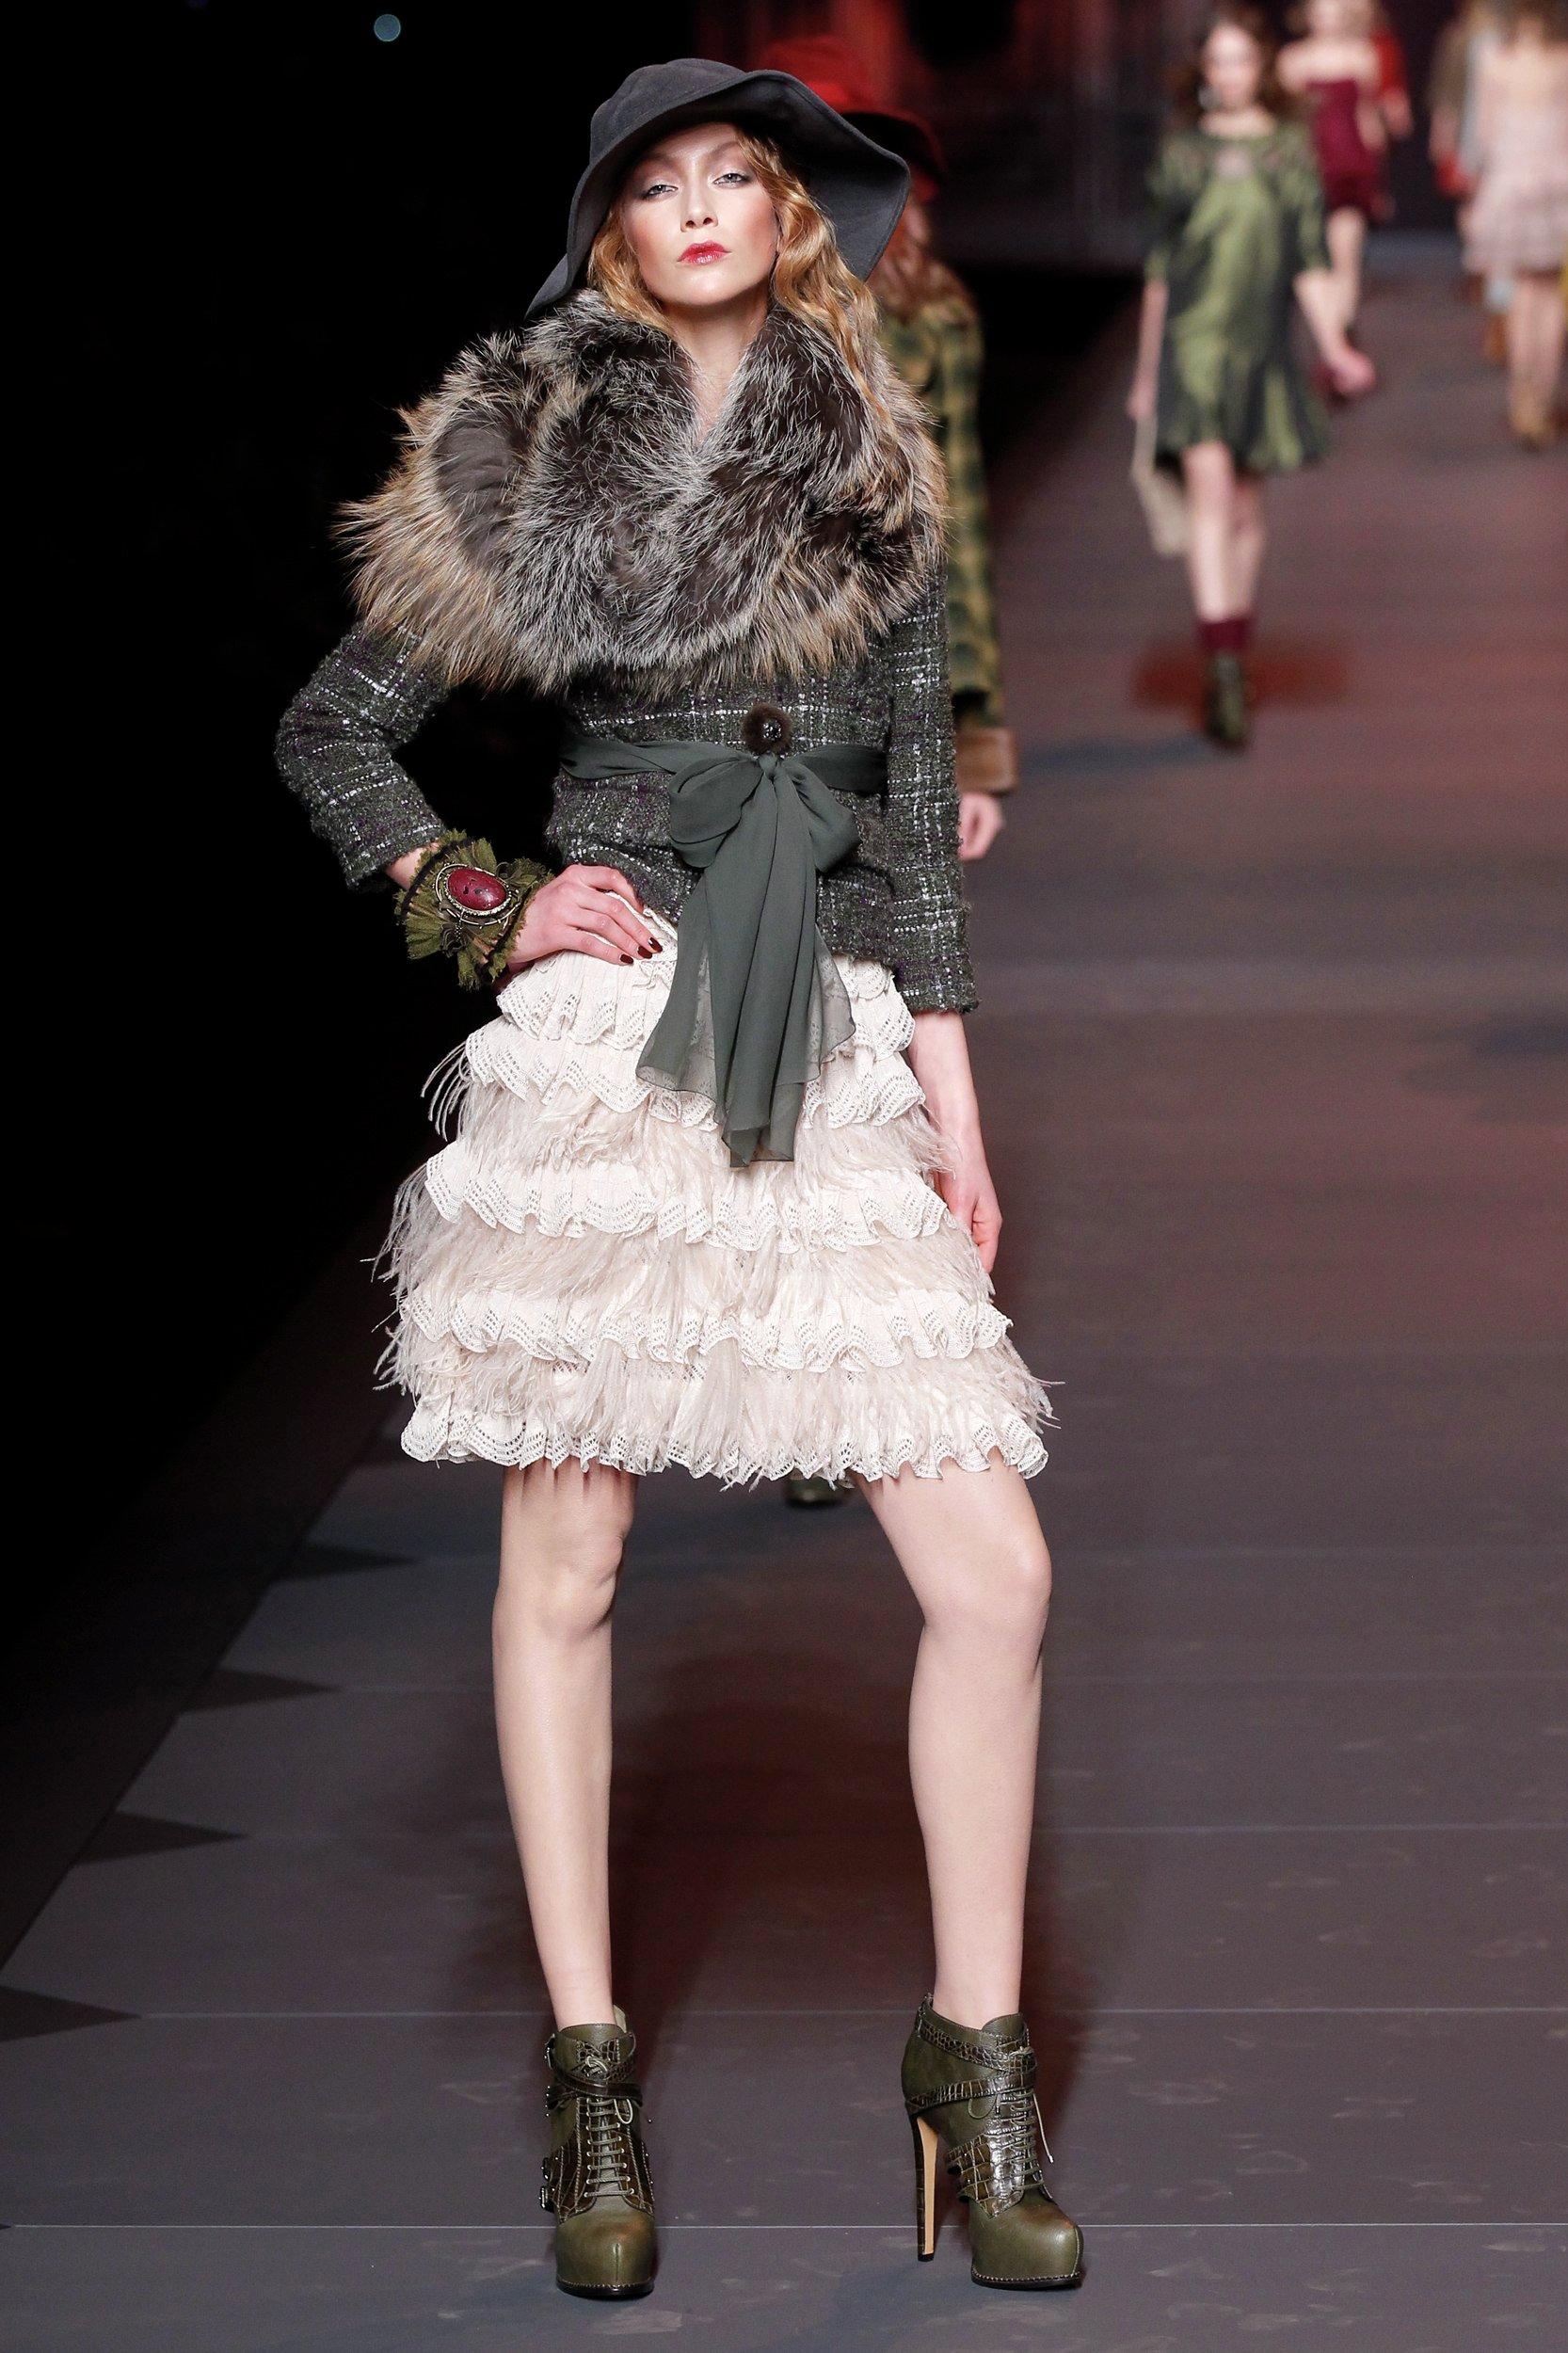 Показ коллекции John Galliano для модного дома Dior на Неделе моды в Париже